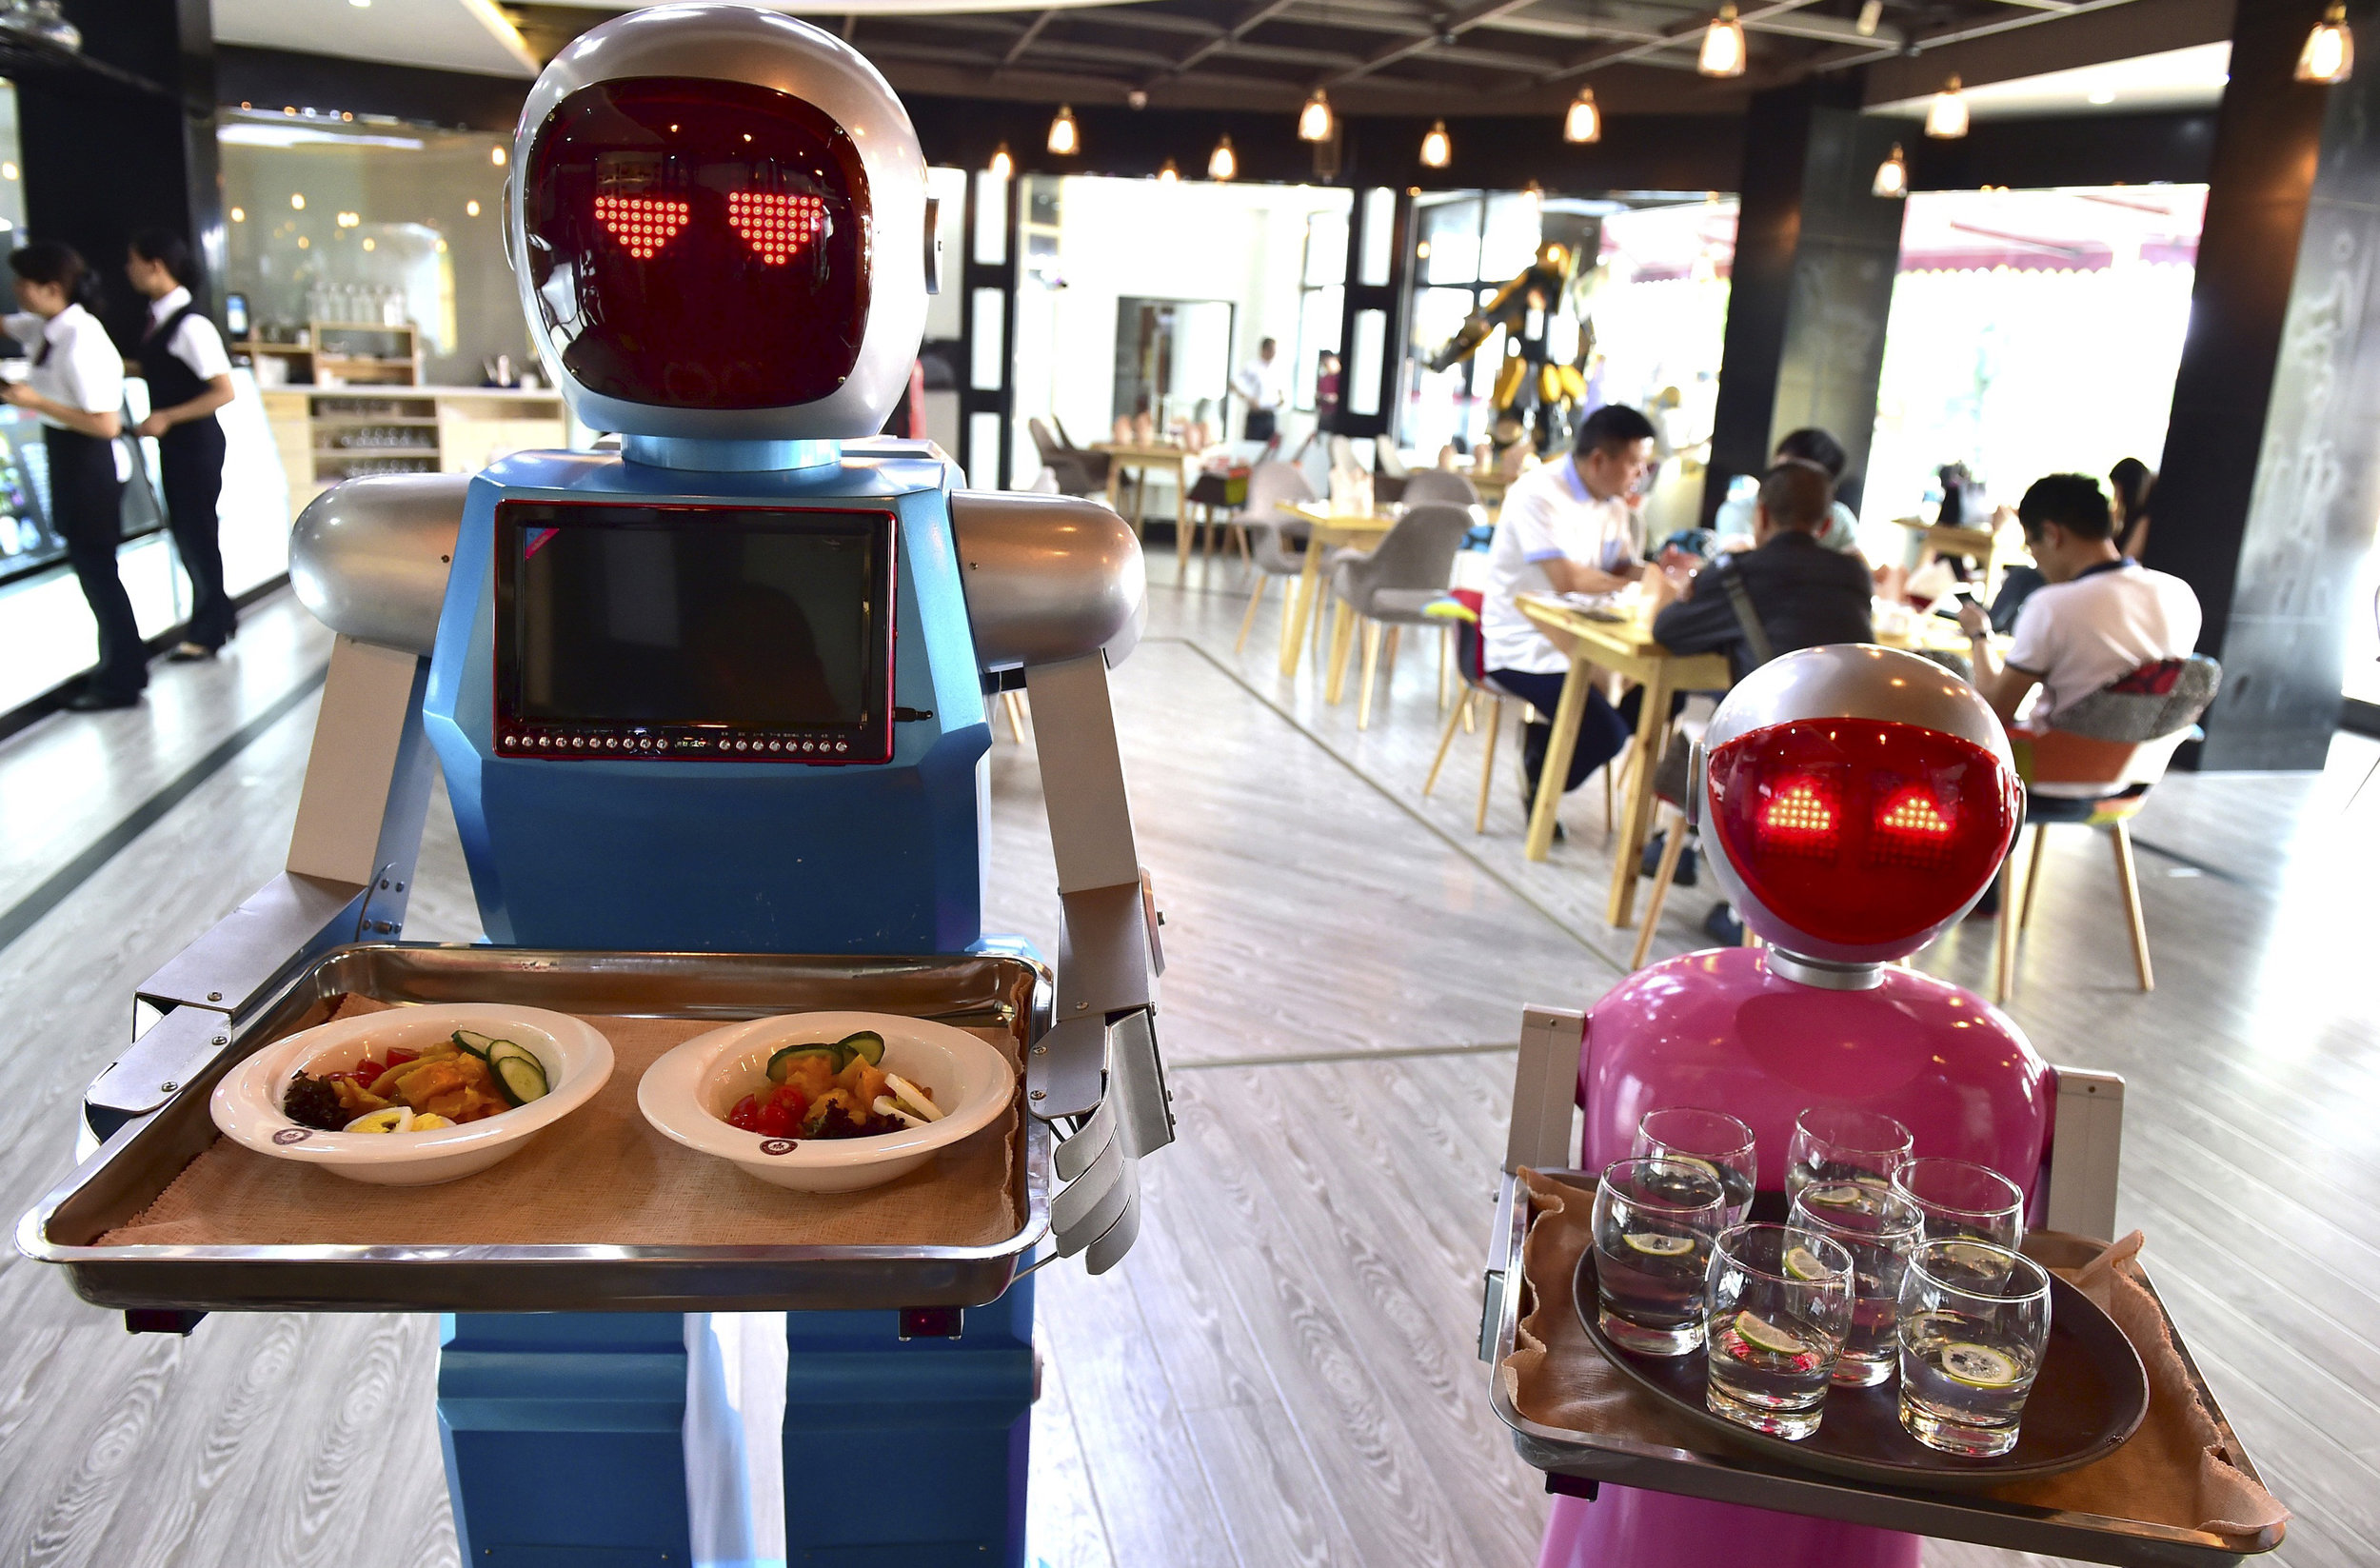 160511-renstrom-robots-restaurant-tease_qup89g.jpg